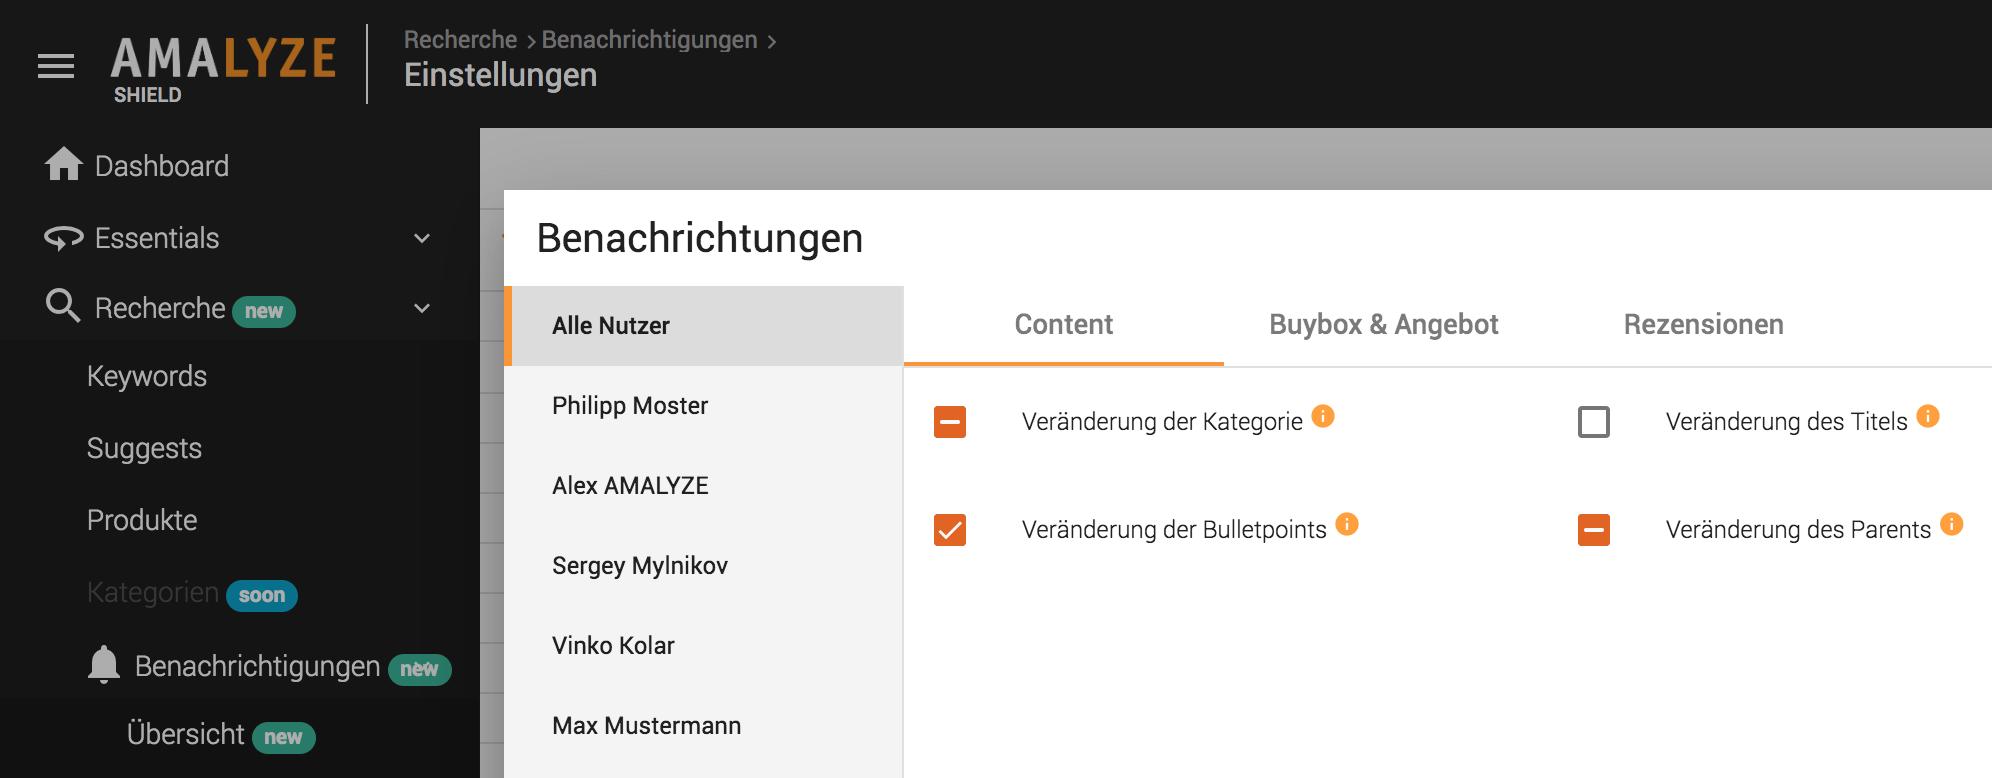 Notifications FAQ_Benachrichtigungen für alle nutzer deaktivieren